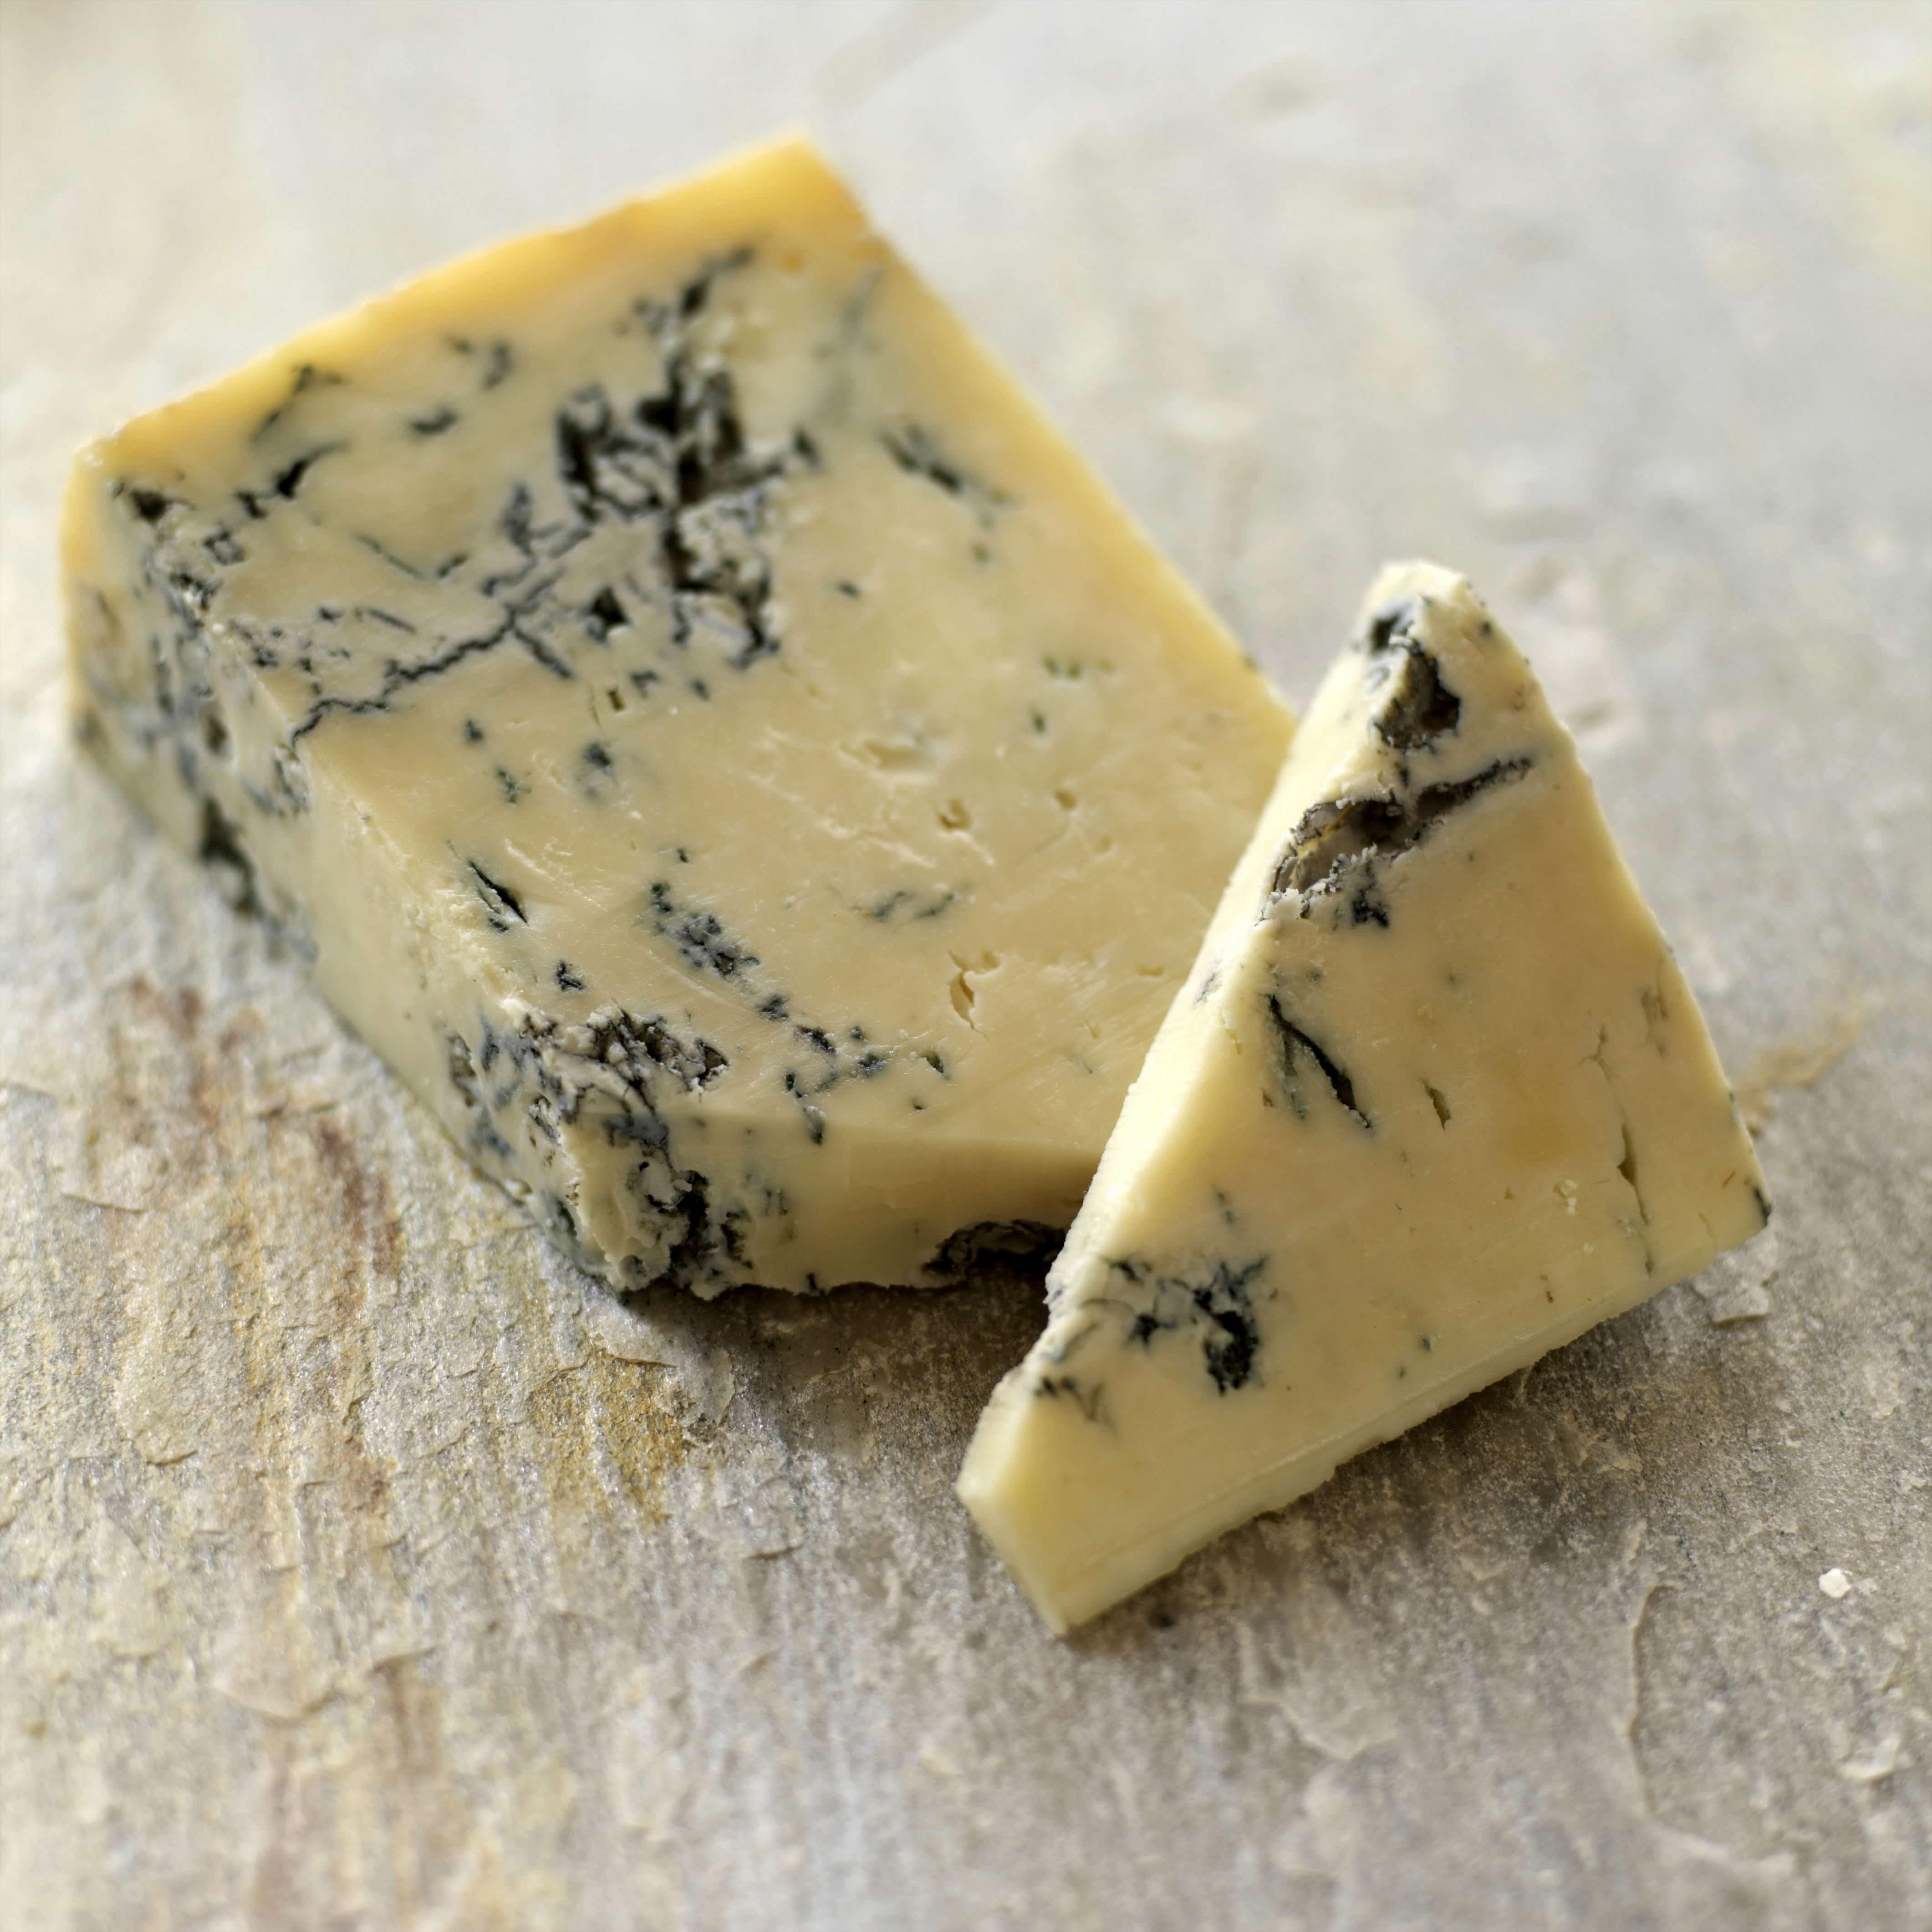 Wieso stinken die Fußnägel nach Käse?